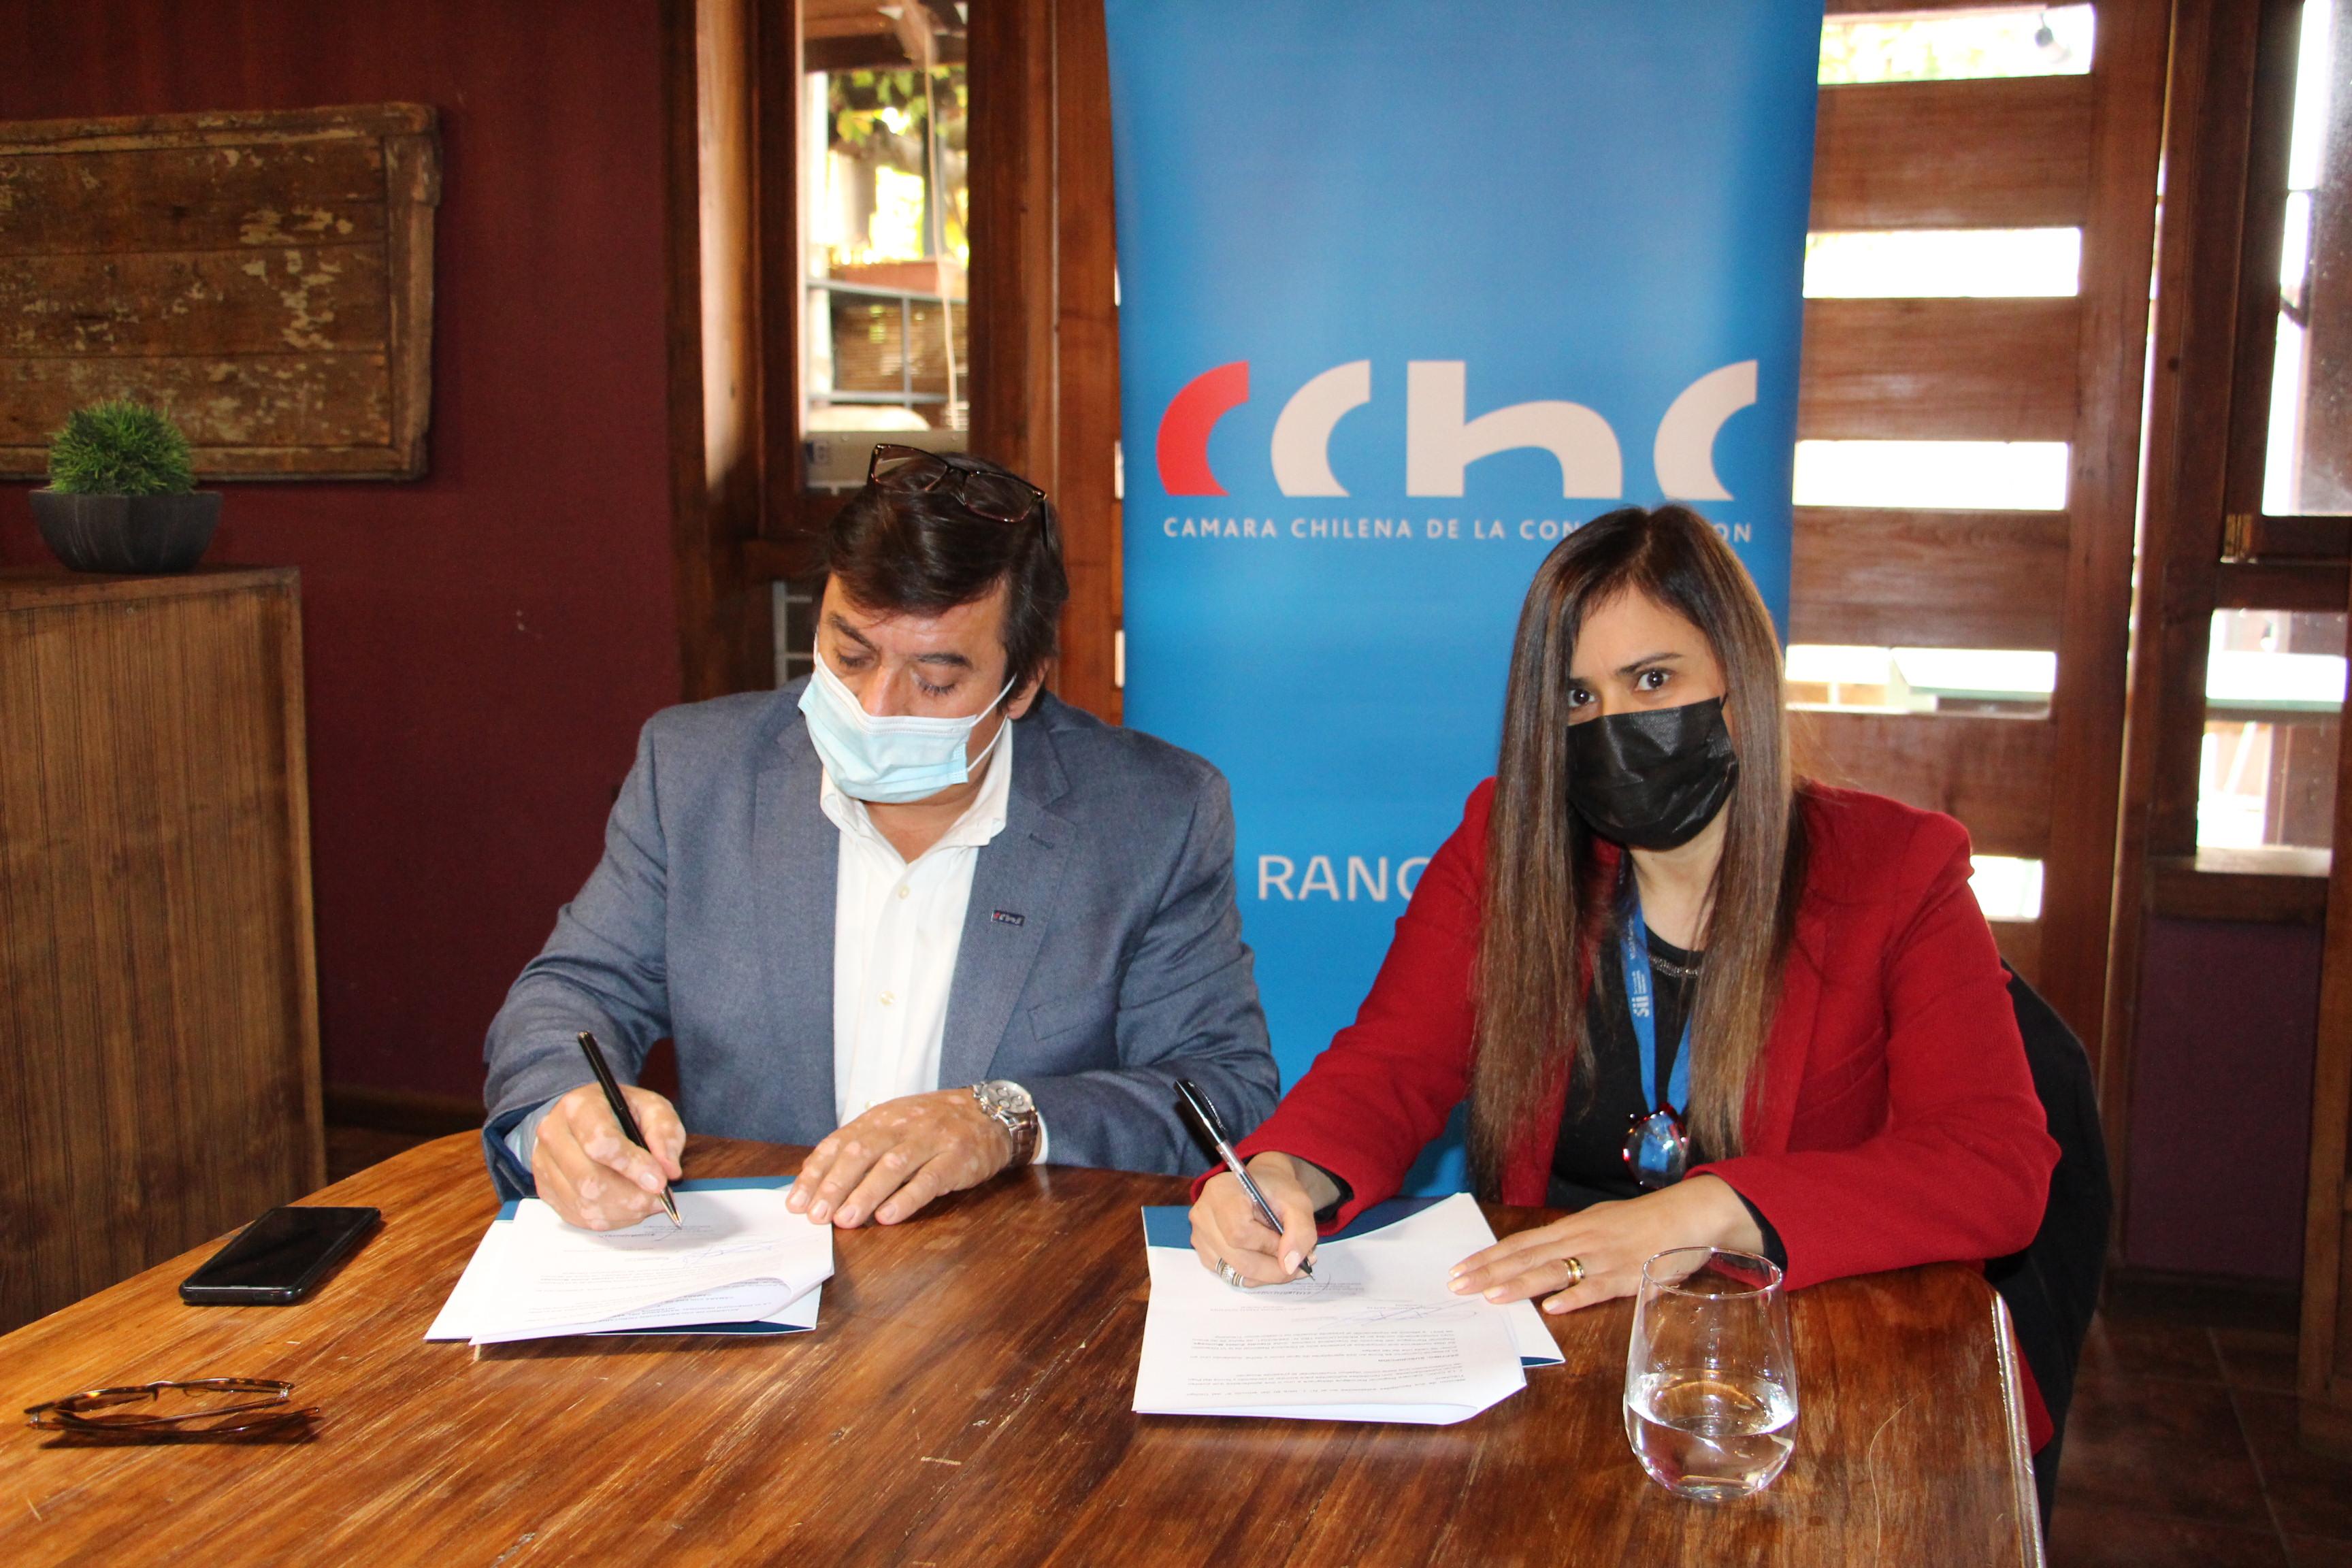 CChC Rancagua firma convenio de colaboración con SII noticias